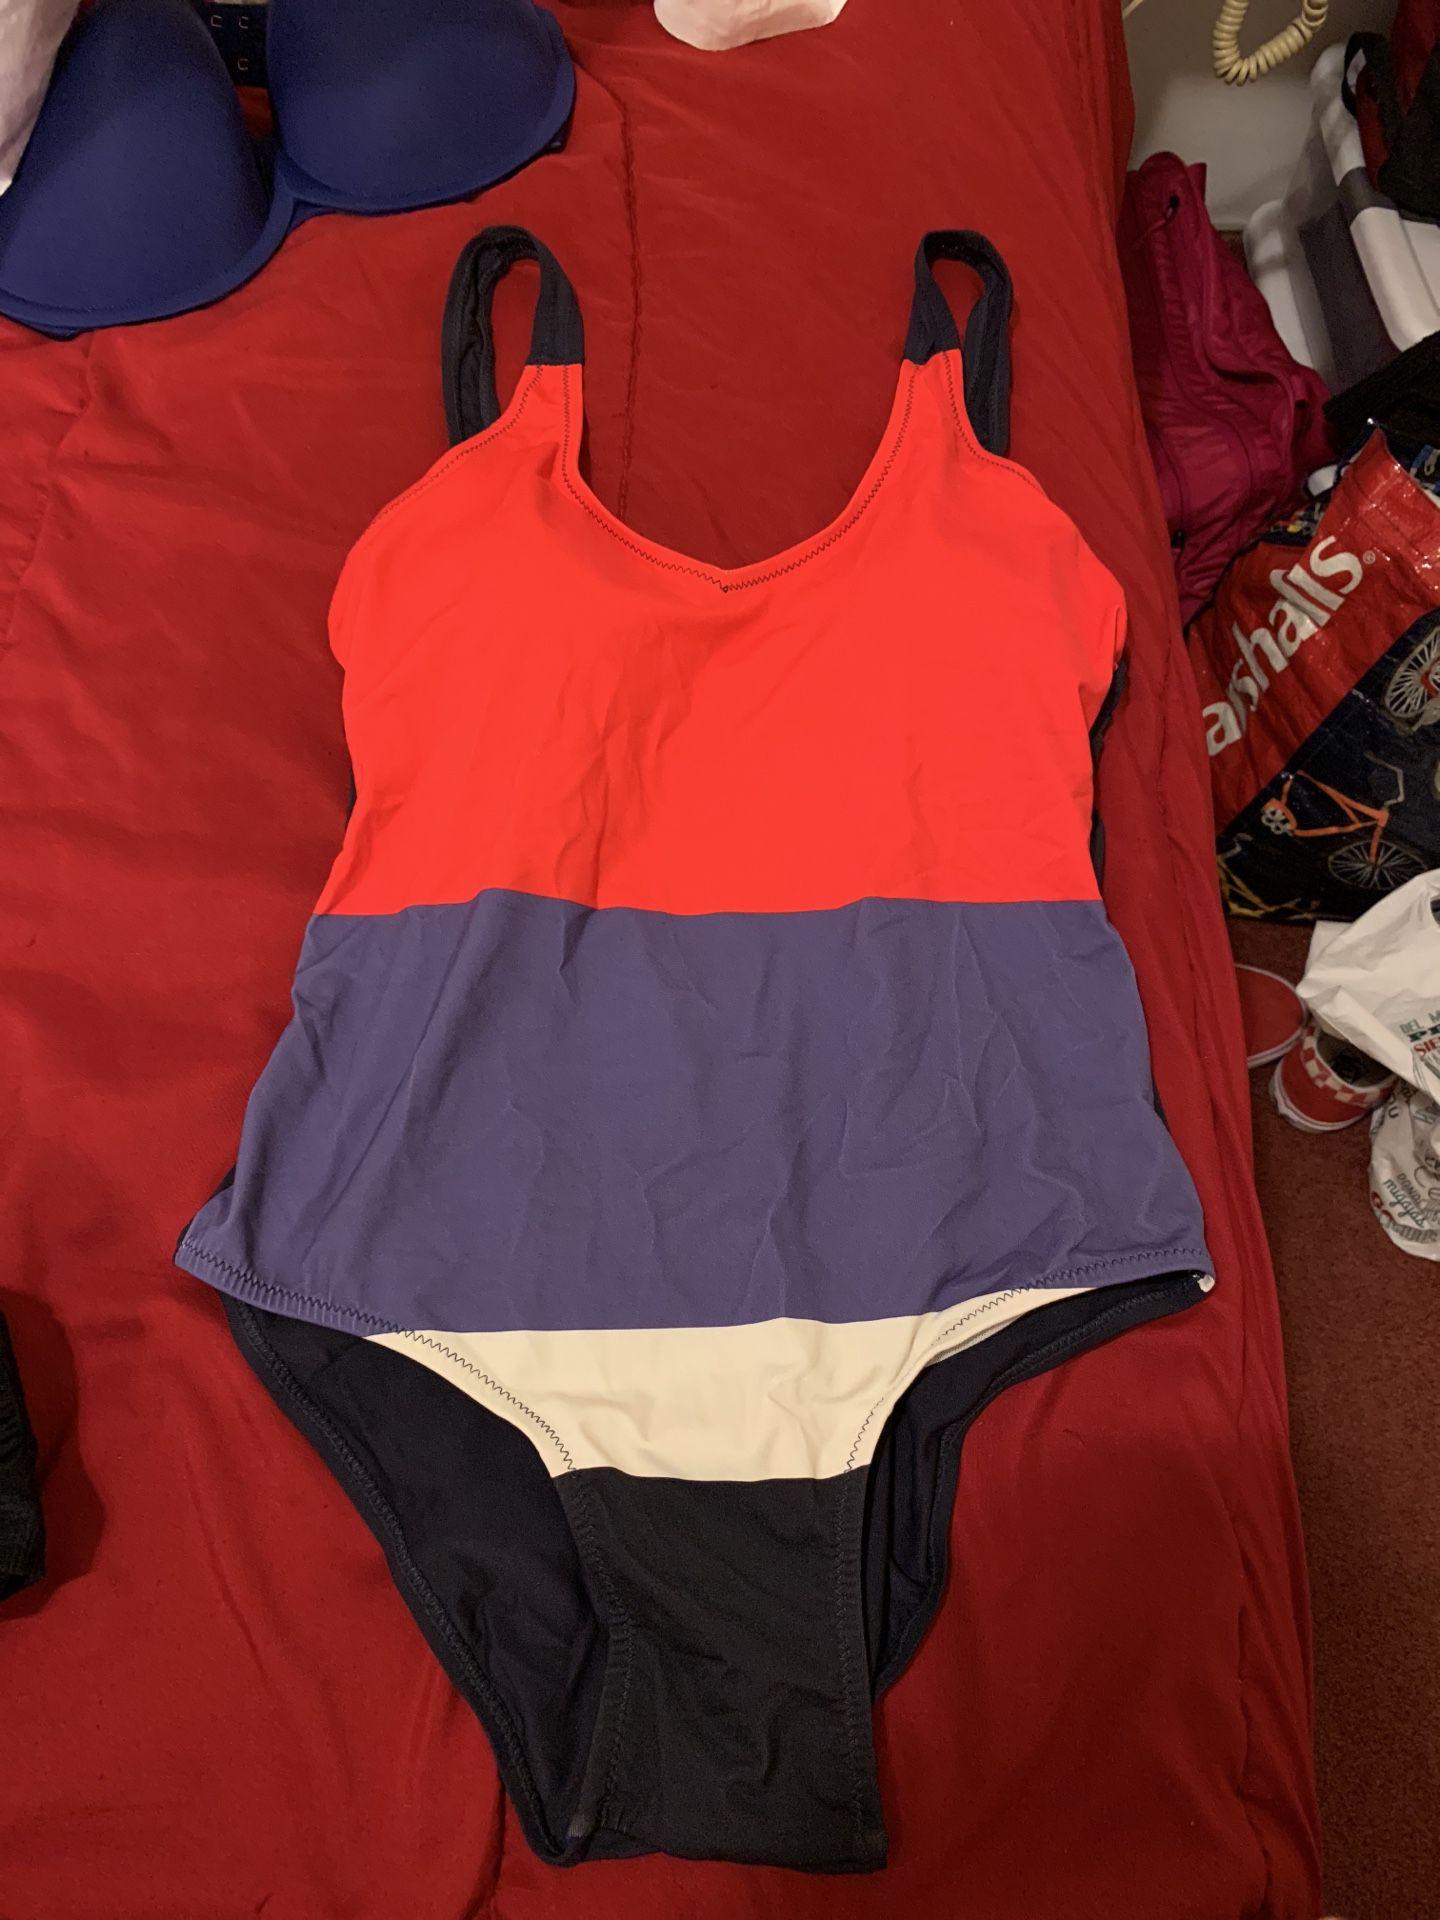 Size medium one piece swim wear